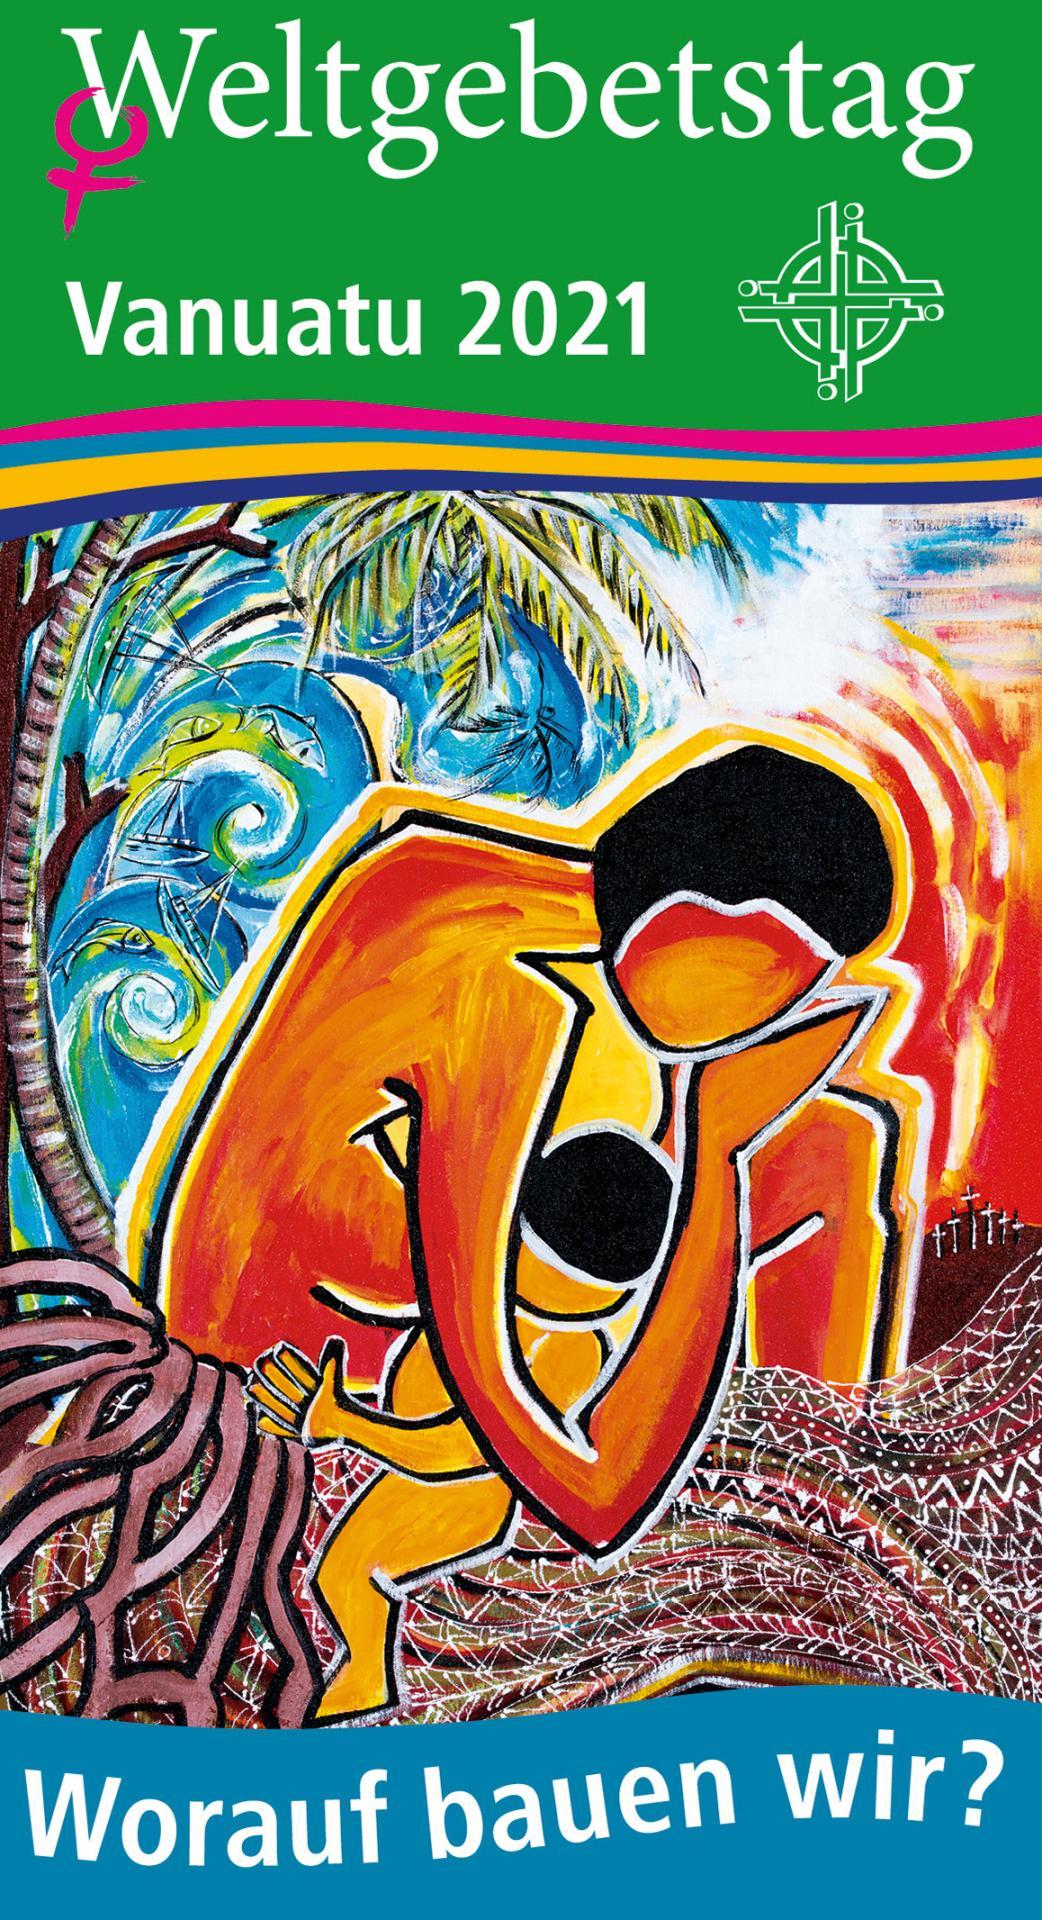 WGT Vanuatu 2021